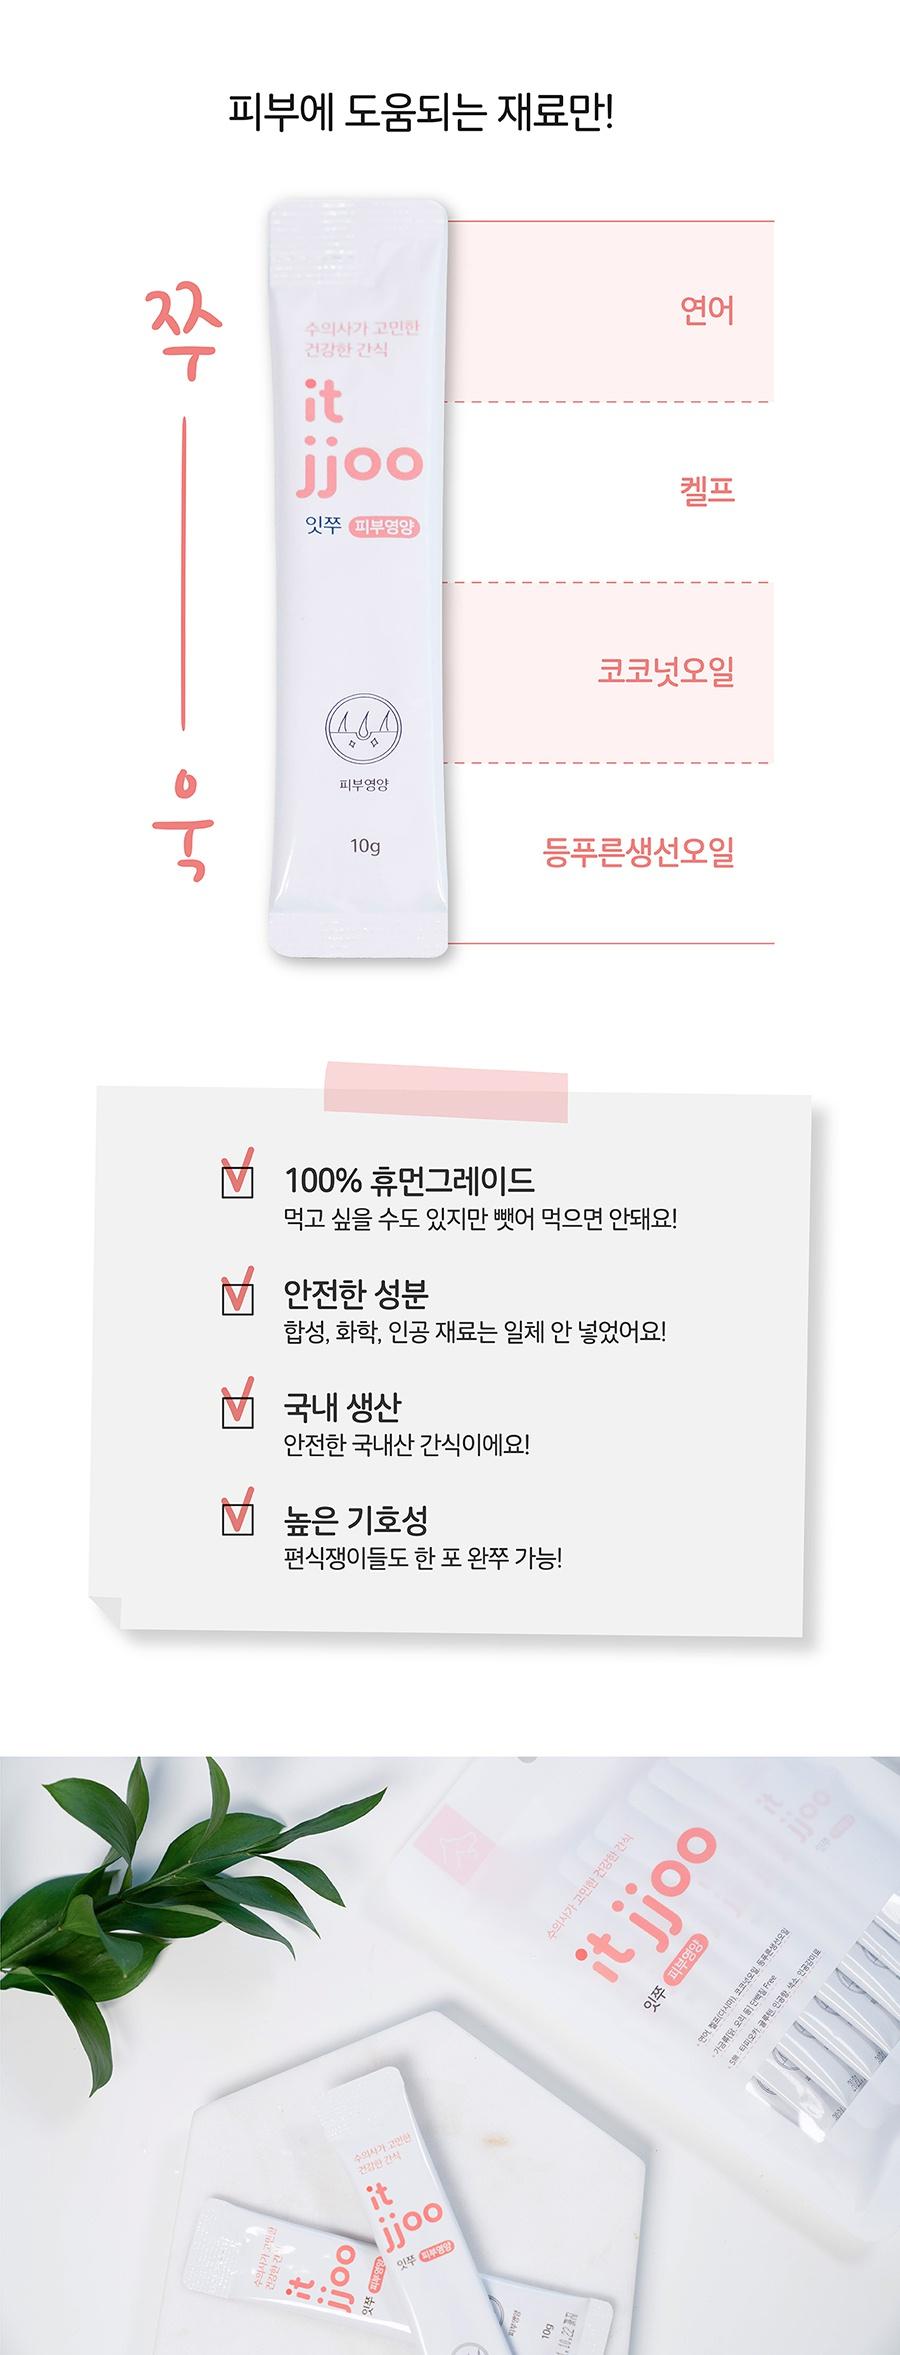 [오구오구특가]it 잇쭈 피부 (8개입)-상품이미지-4